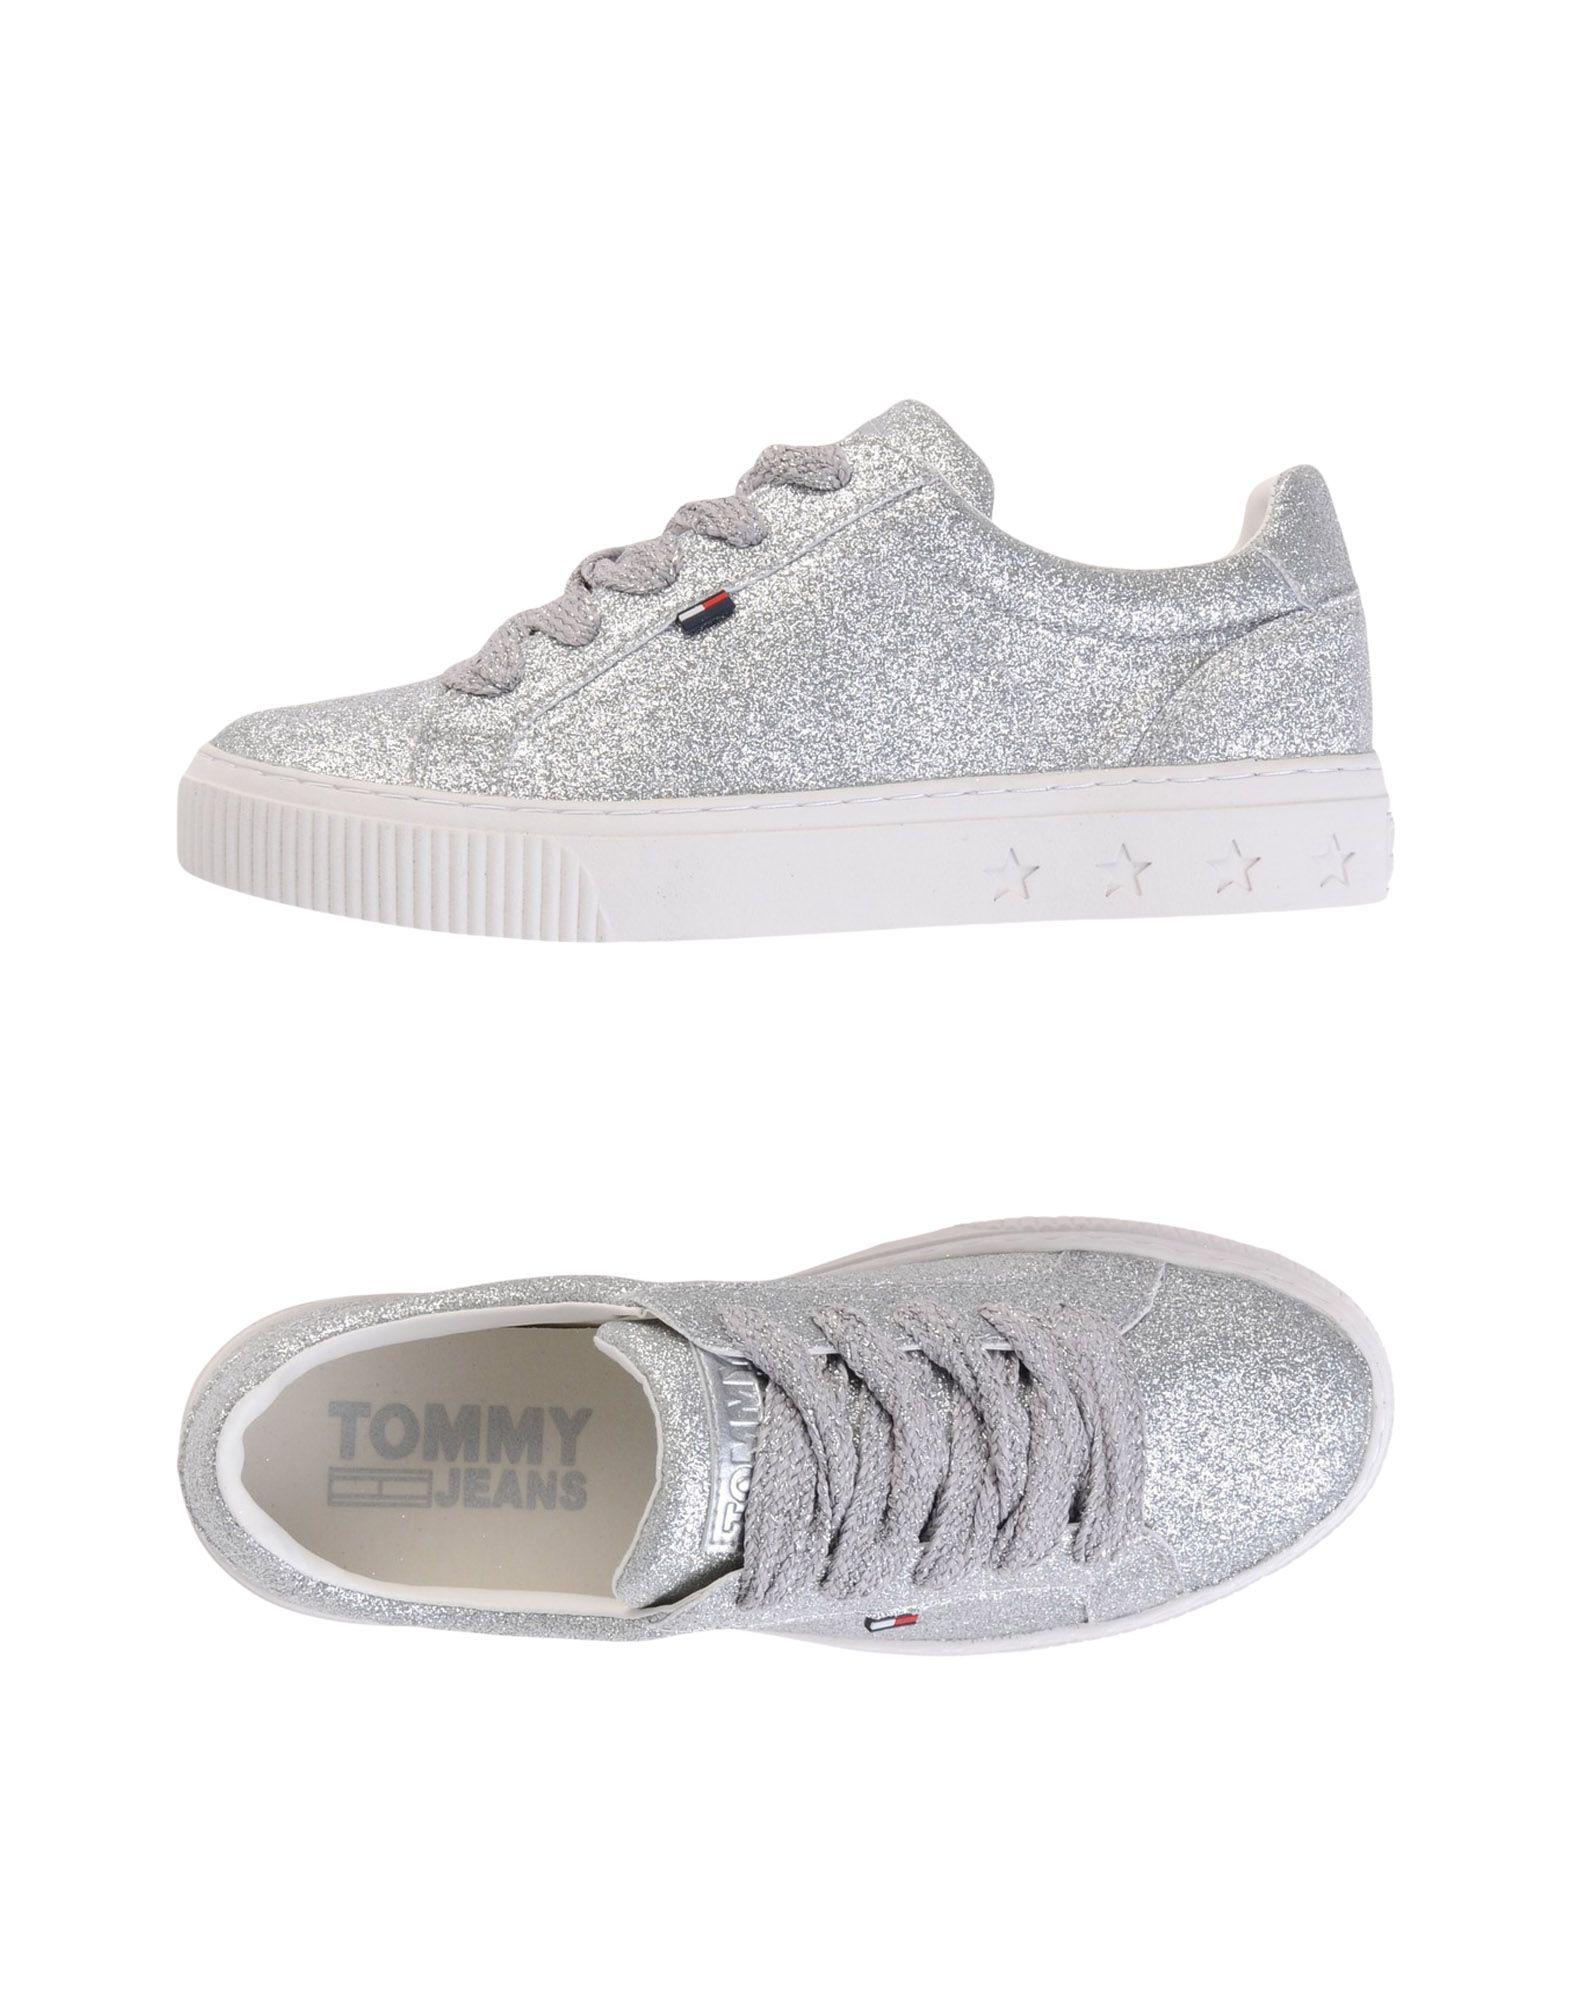 Tommy Jeans Tommy Jeans Glitter Sneaker Gutes Preis-Leistungs-Verhältnis, es lohnt sich